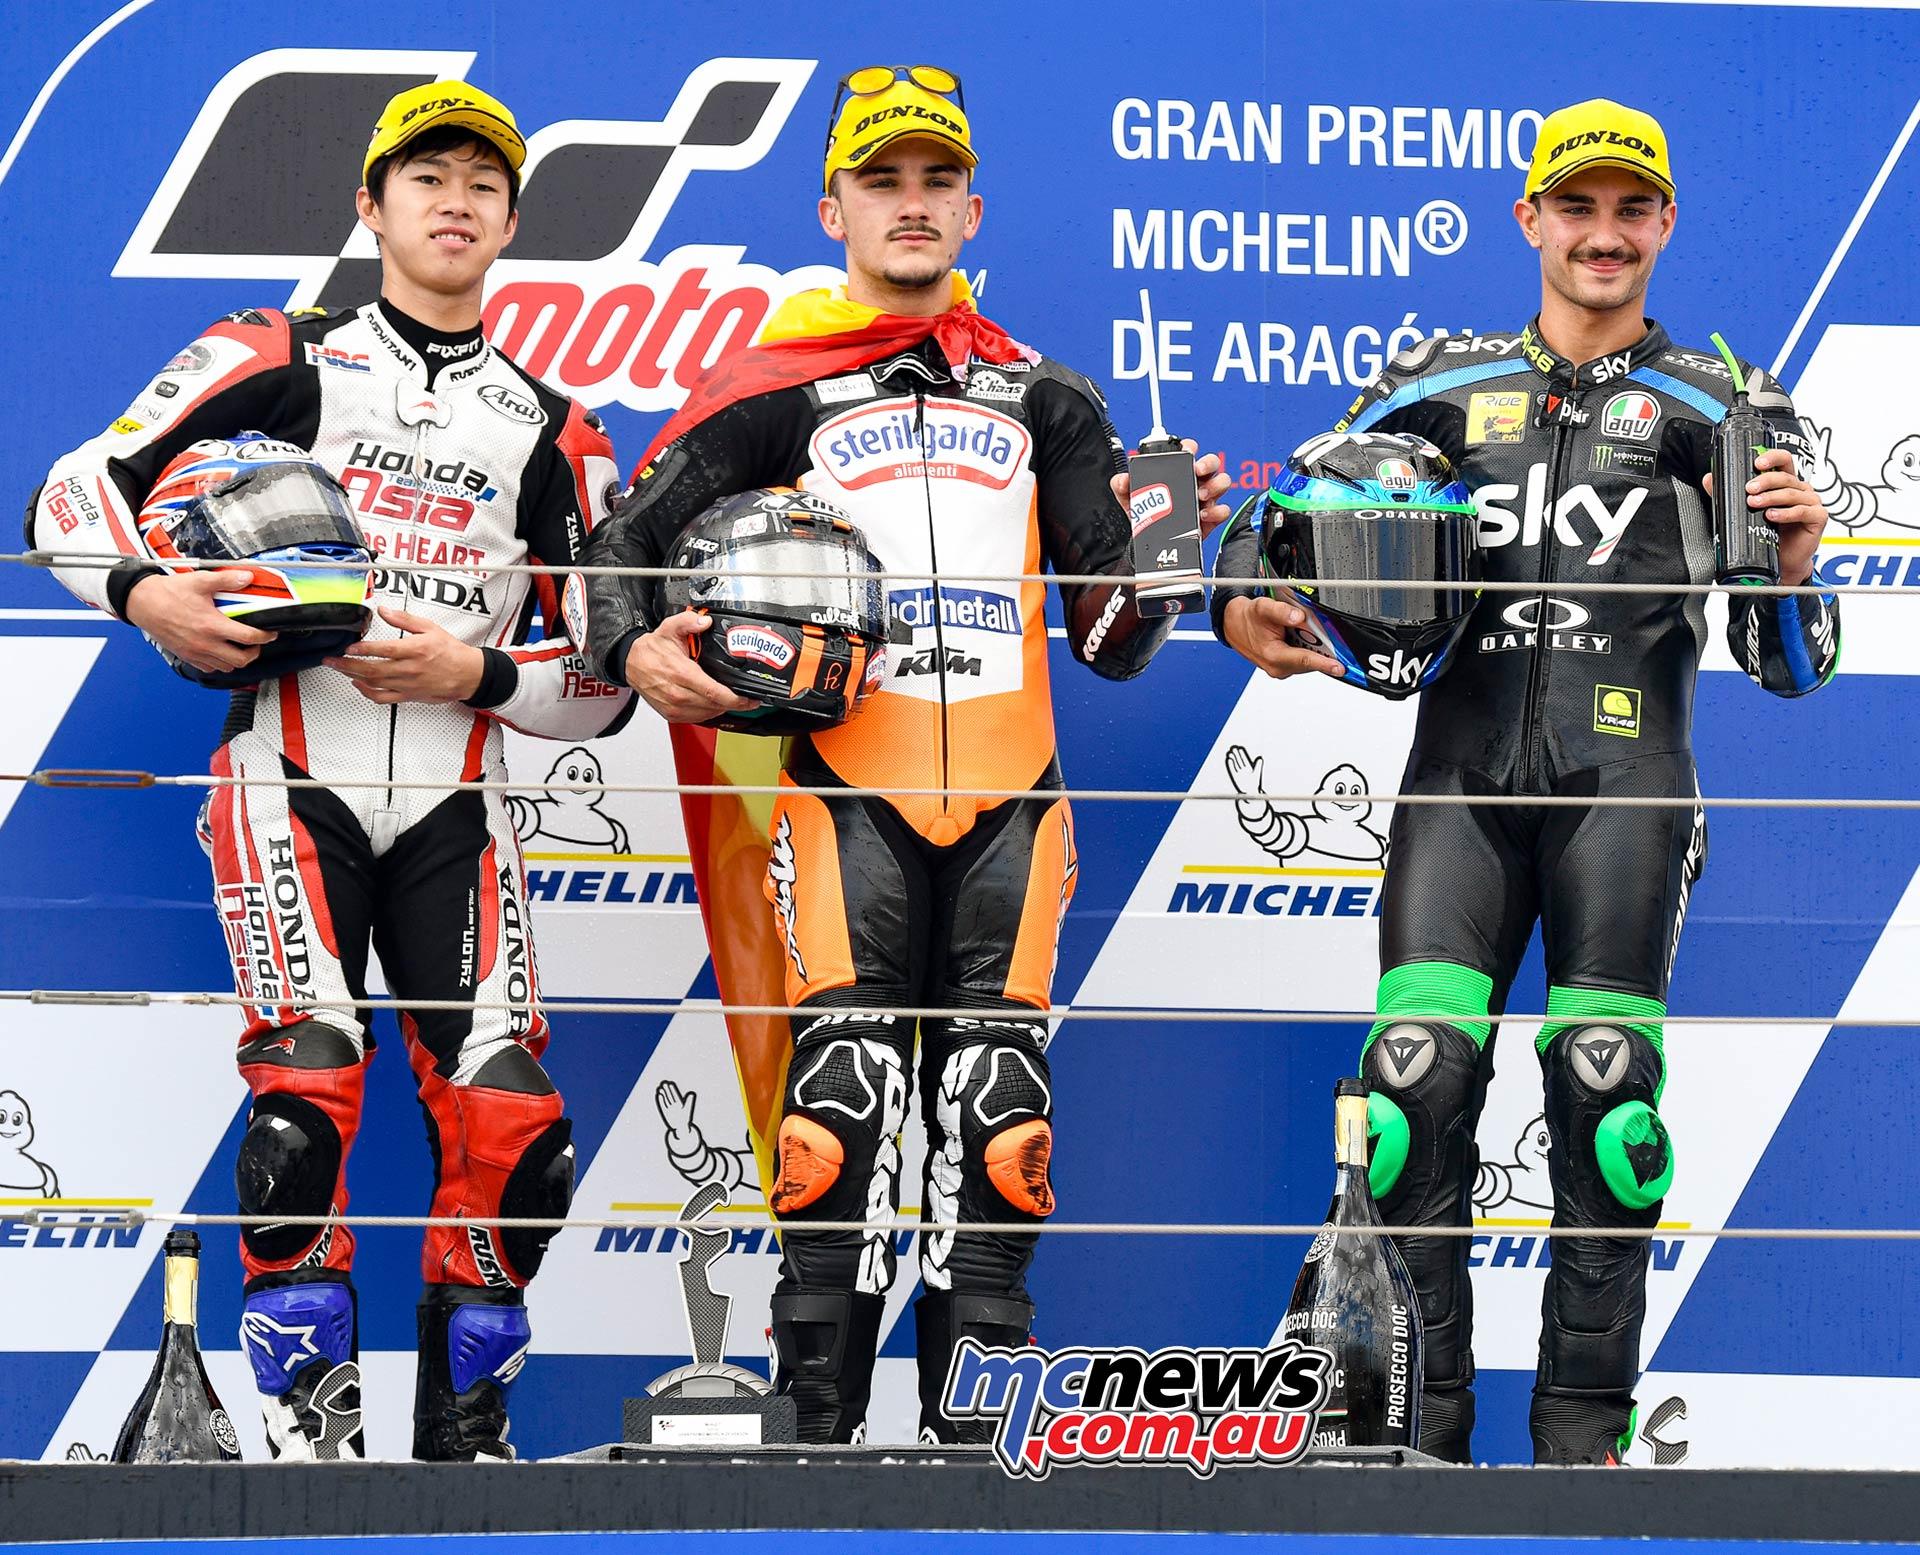 MotoGP Rnd Aragon Moto Podium Podium L R Ogura Canet Foggia